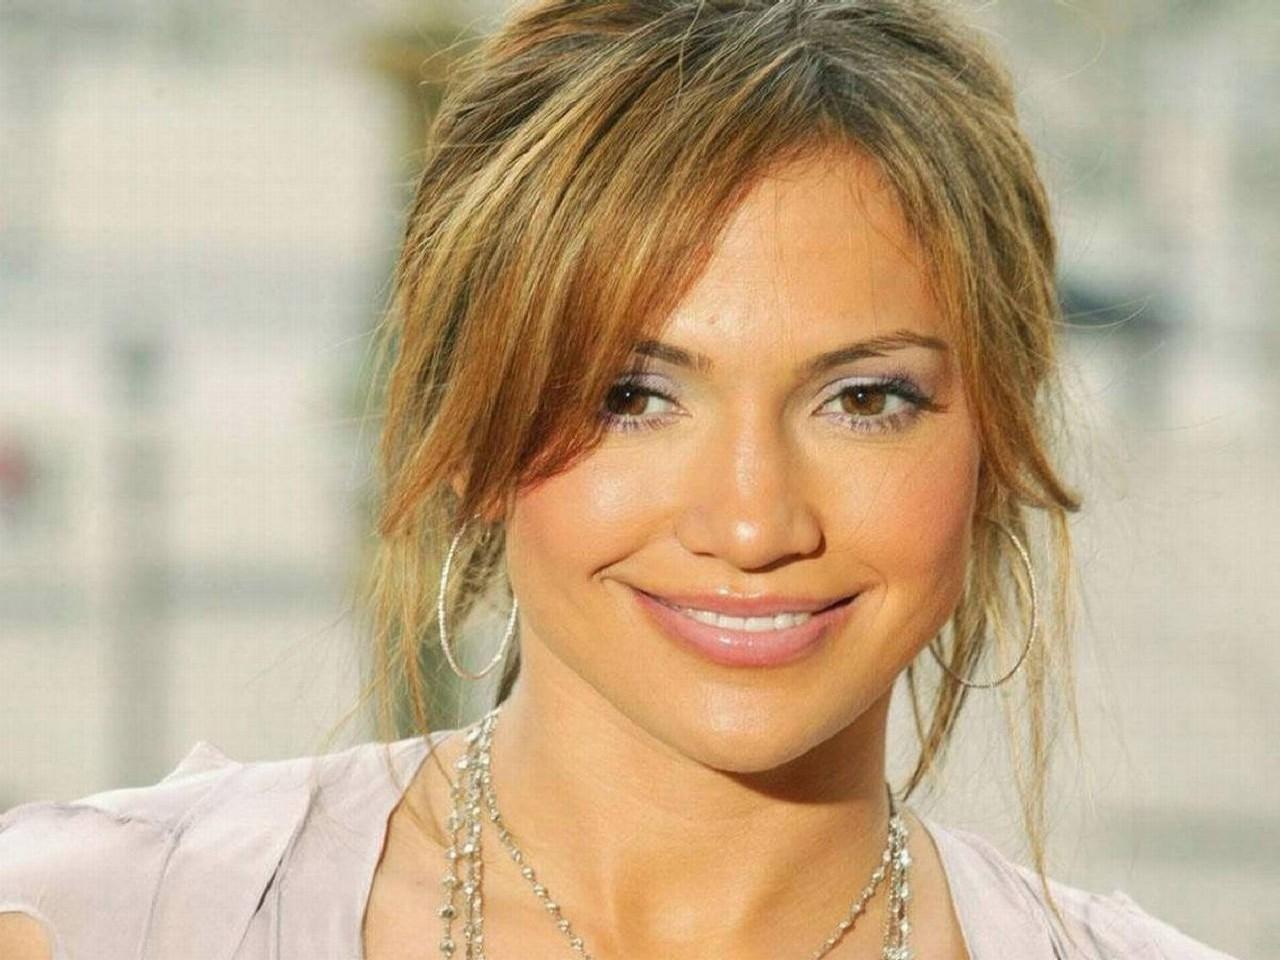 Wallpaper di Jennifer Lopez - la popstar e attrice è nata il 24 luglio del '69 sotto il segno del Leone